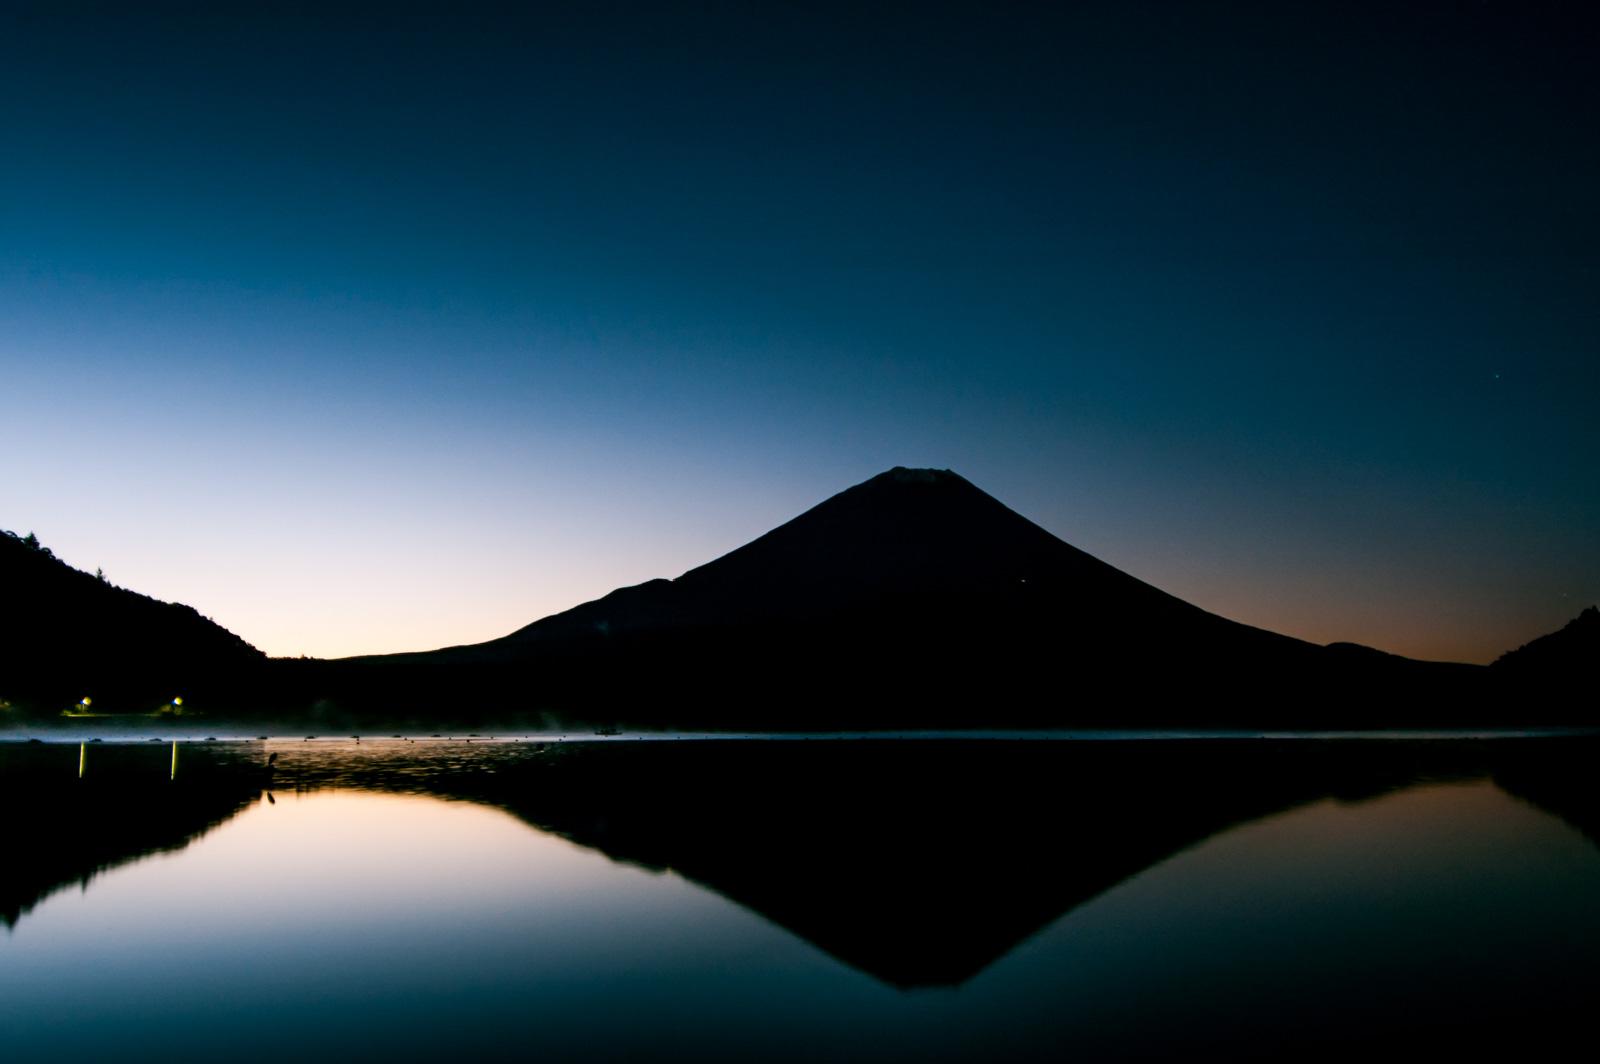 初めての富士山を精進湖から撮影してみた、11年前の話